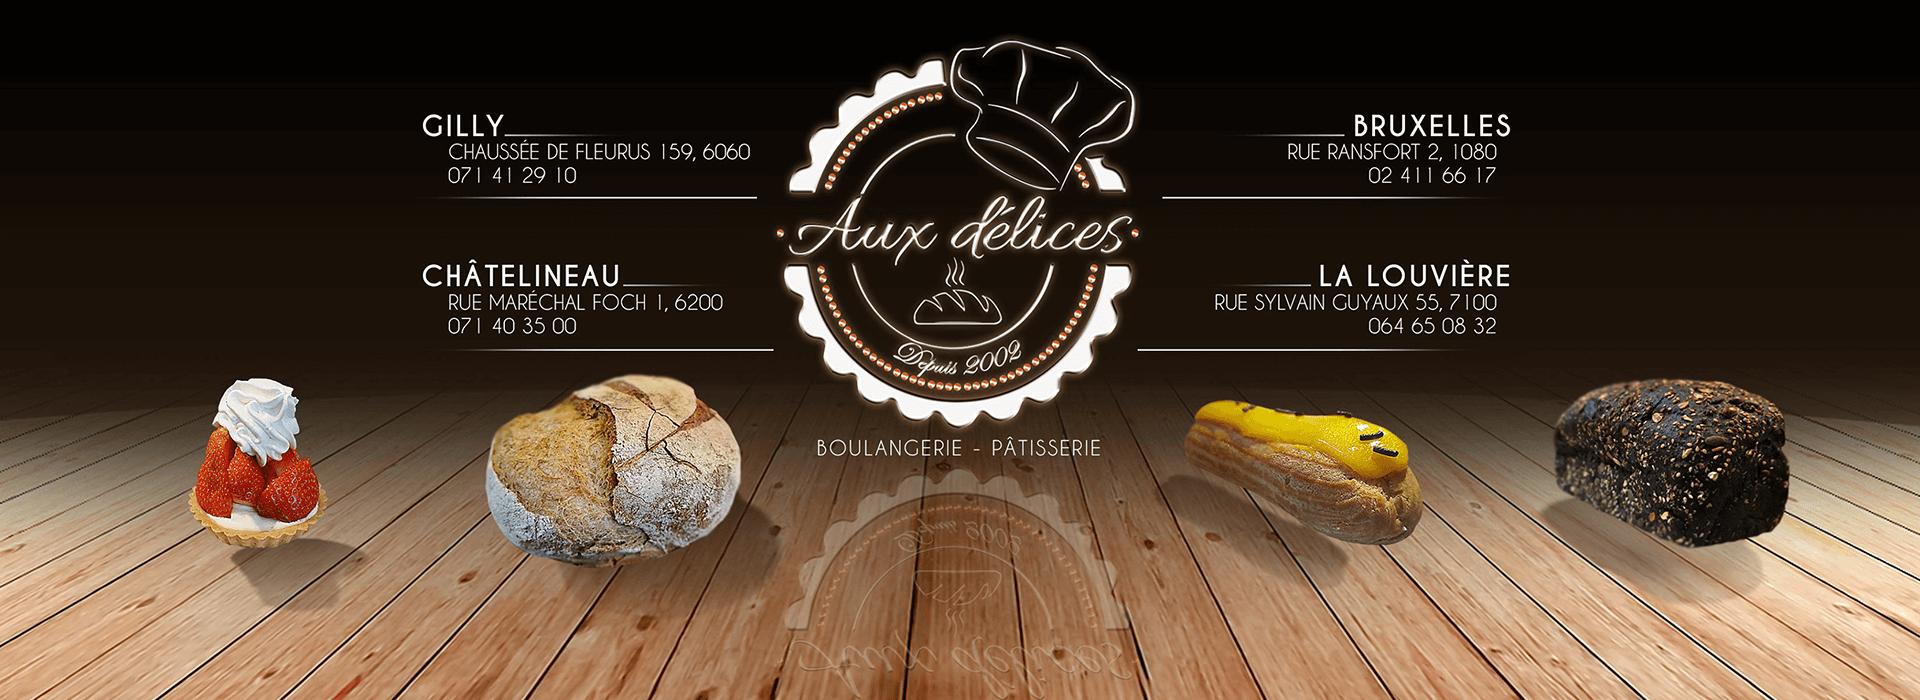 slider1-boulangerie-patisserie-Gilly